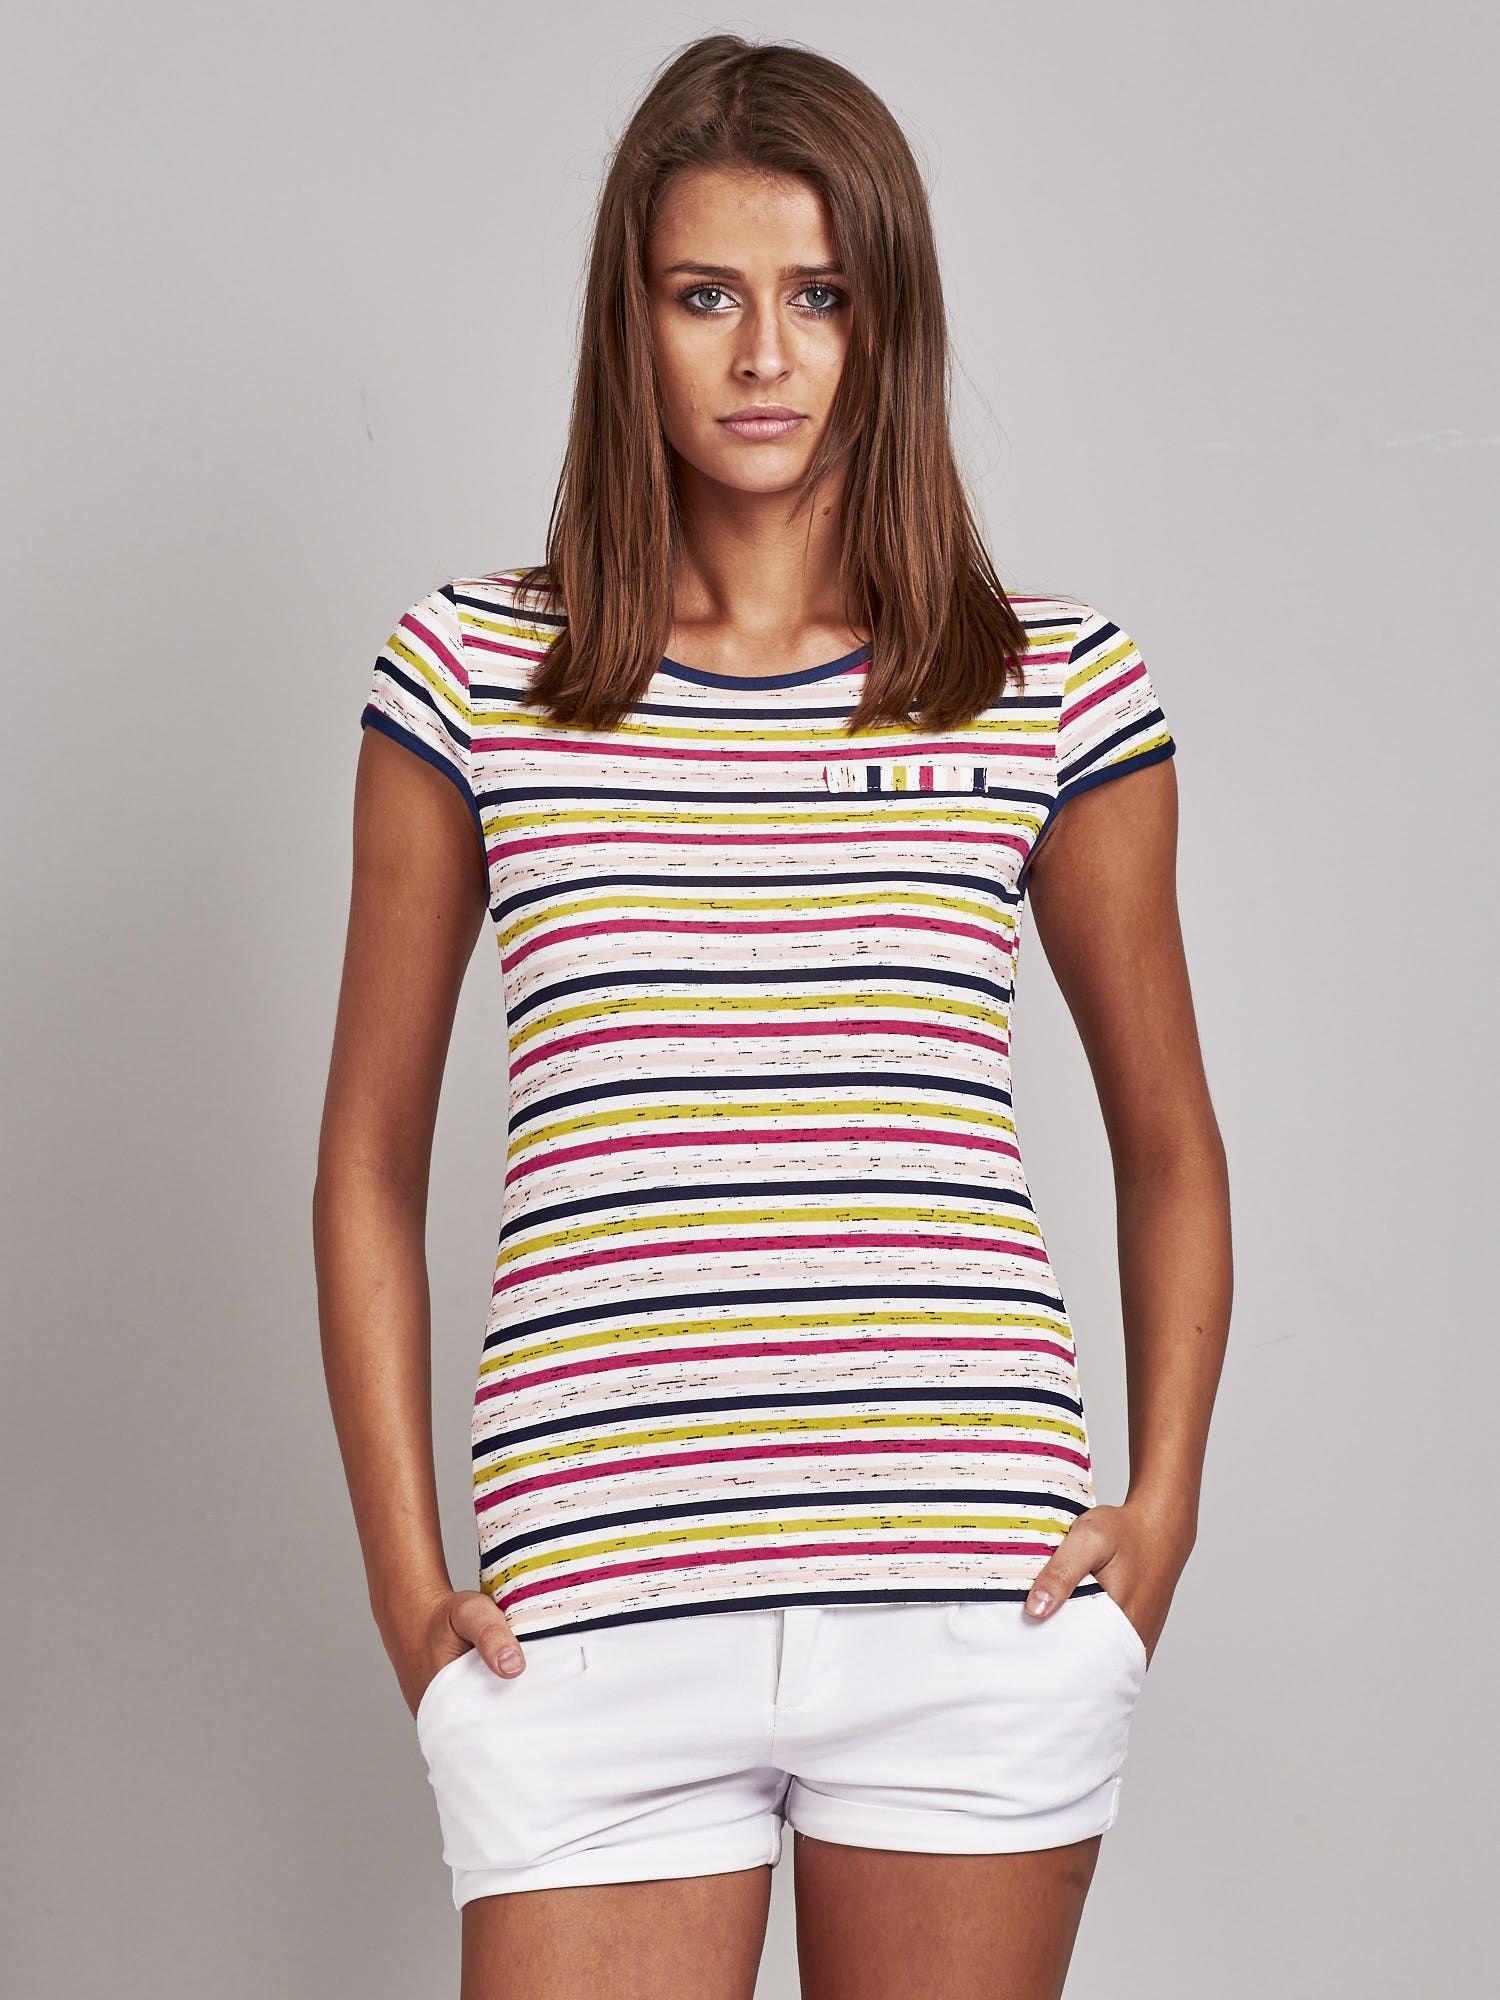 2ef77fbdef599 Biało-różowy t-shirt w kolorowe paski - T-shirt z nadrukiem - sklep  eButik.pl